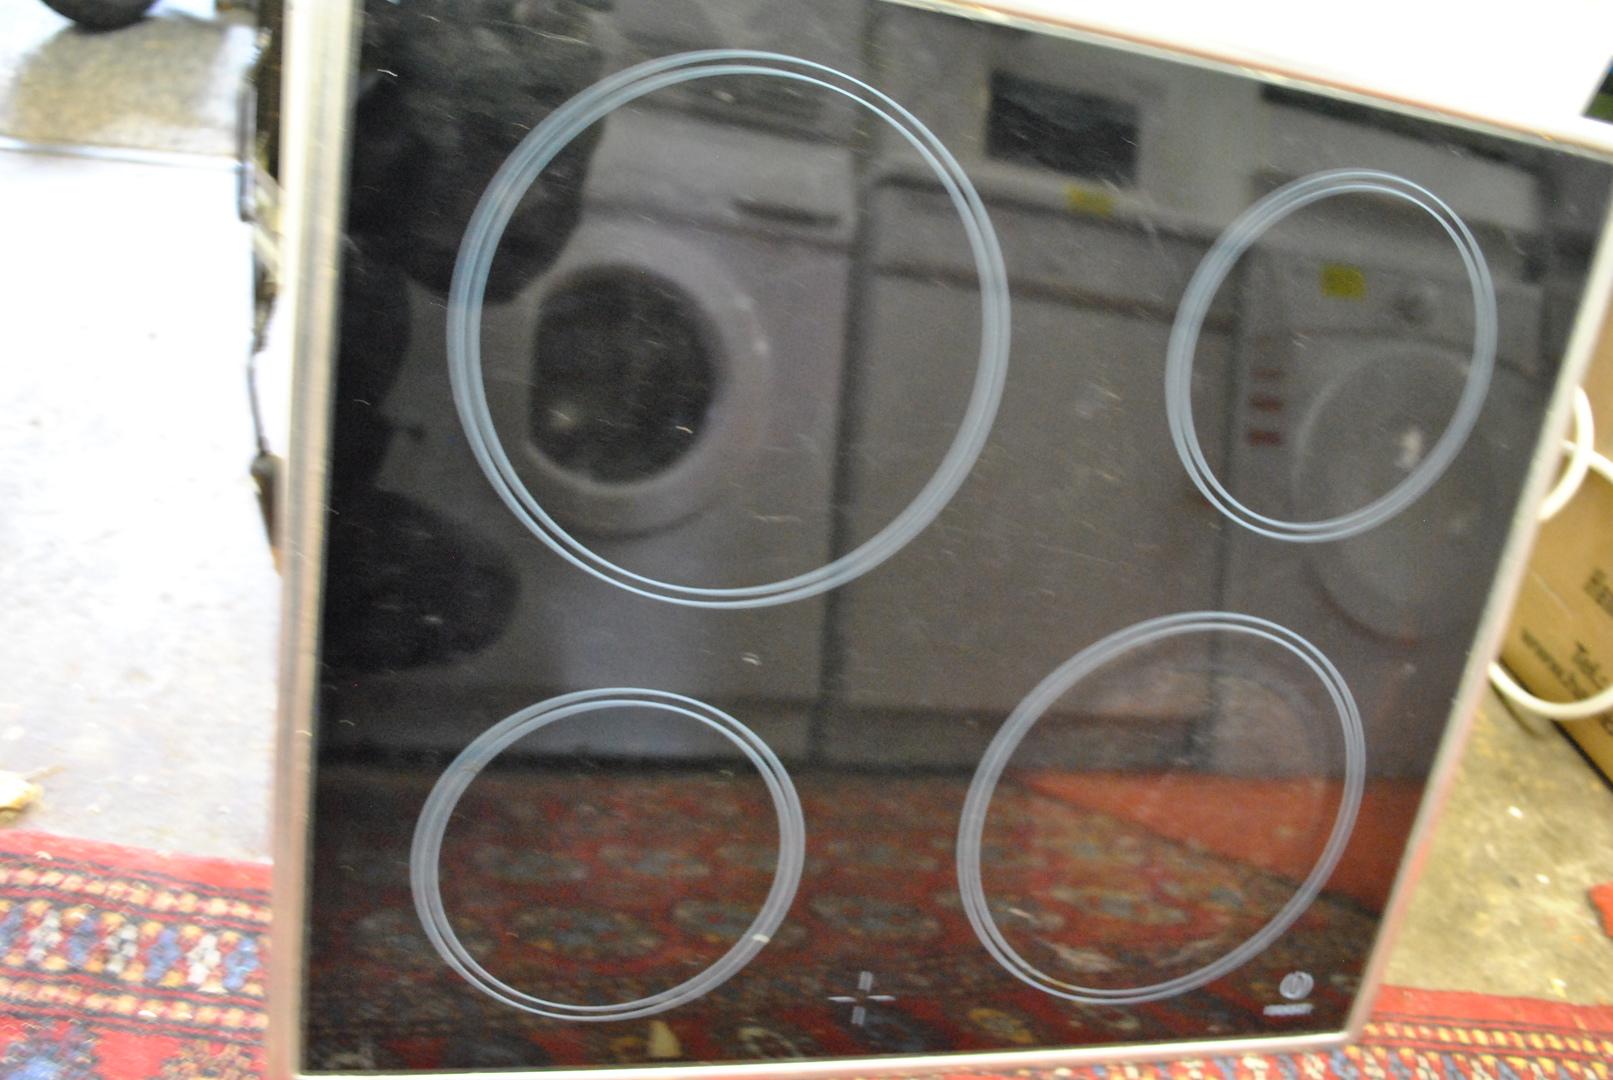 Bosch Kühlschrank Gebraucht : Fundgrube detmold komplette küche elektrogeräte einbauküchen